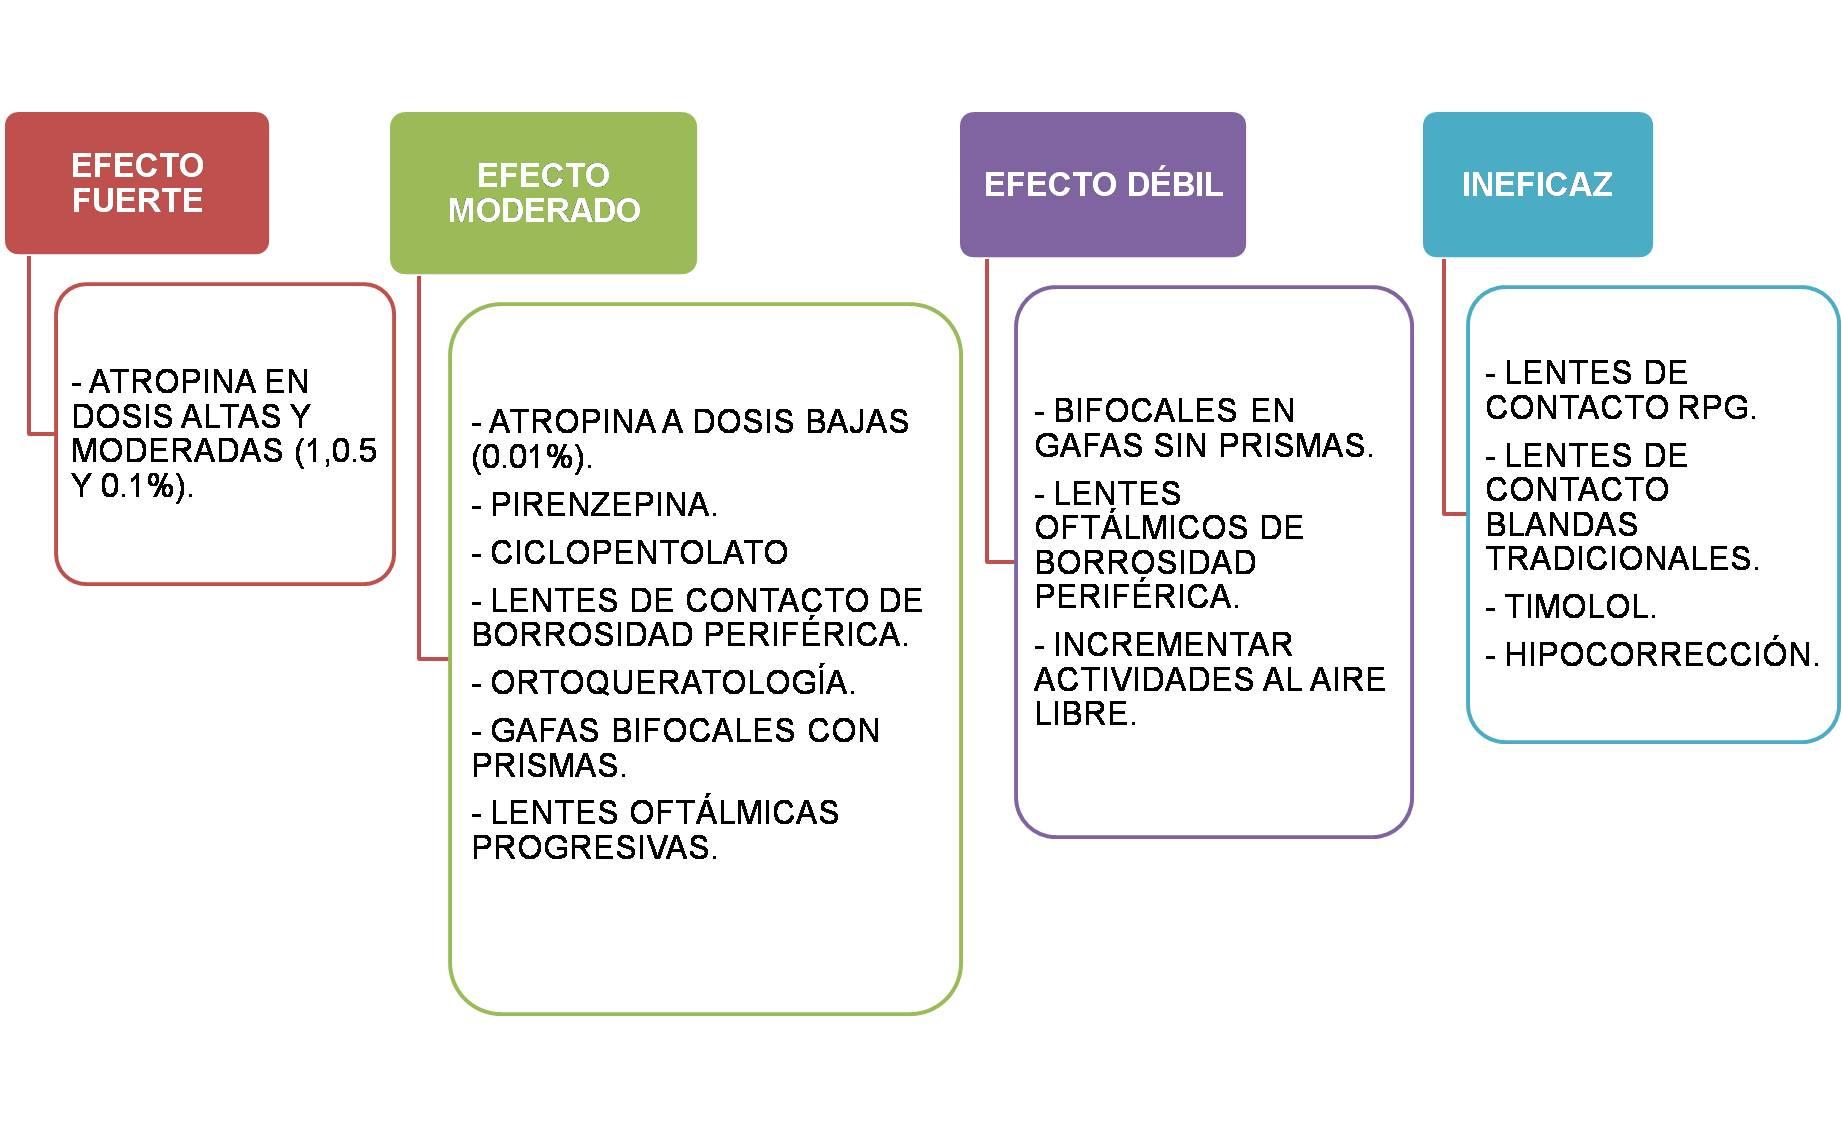 grupos-de-tecnicas-de-control-miopico-segun-su-efecto